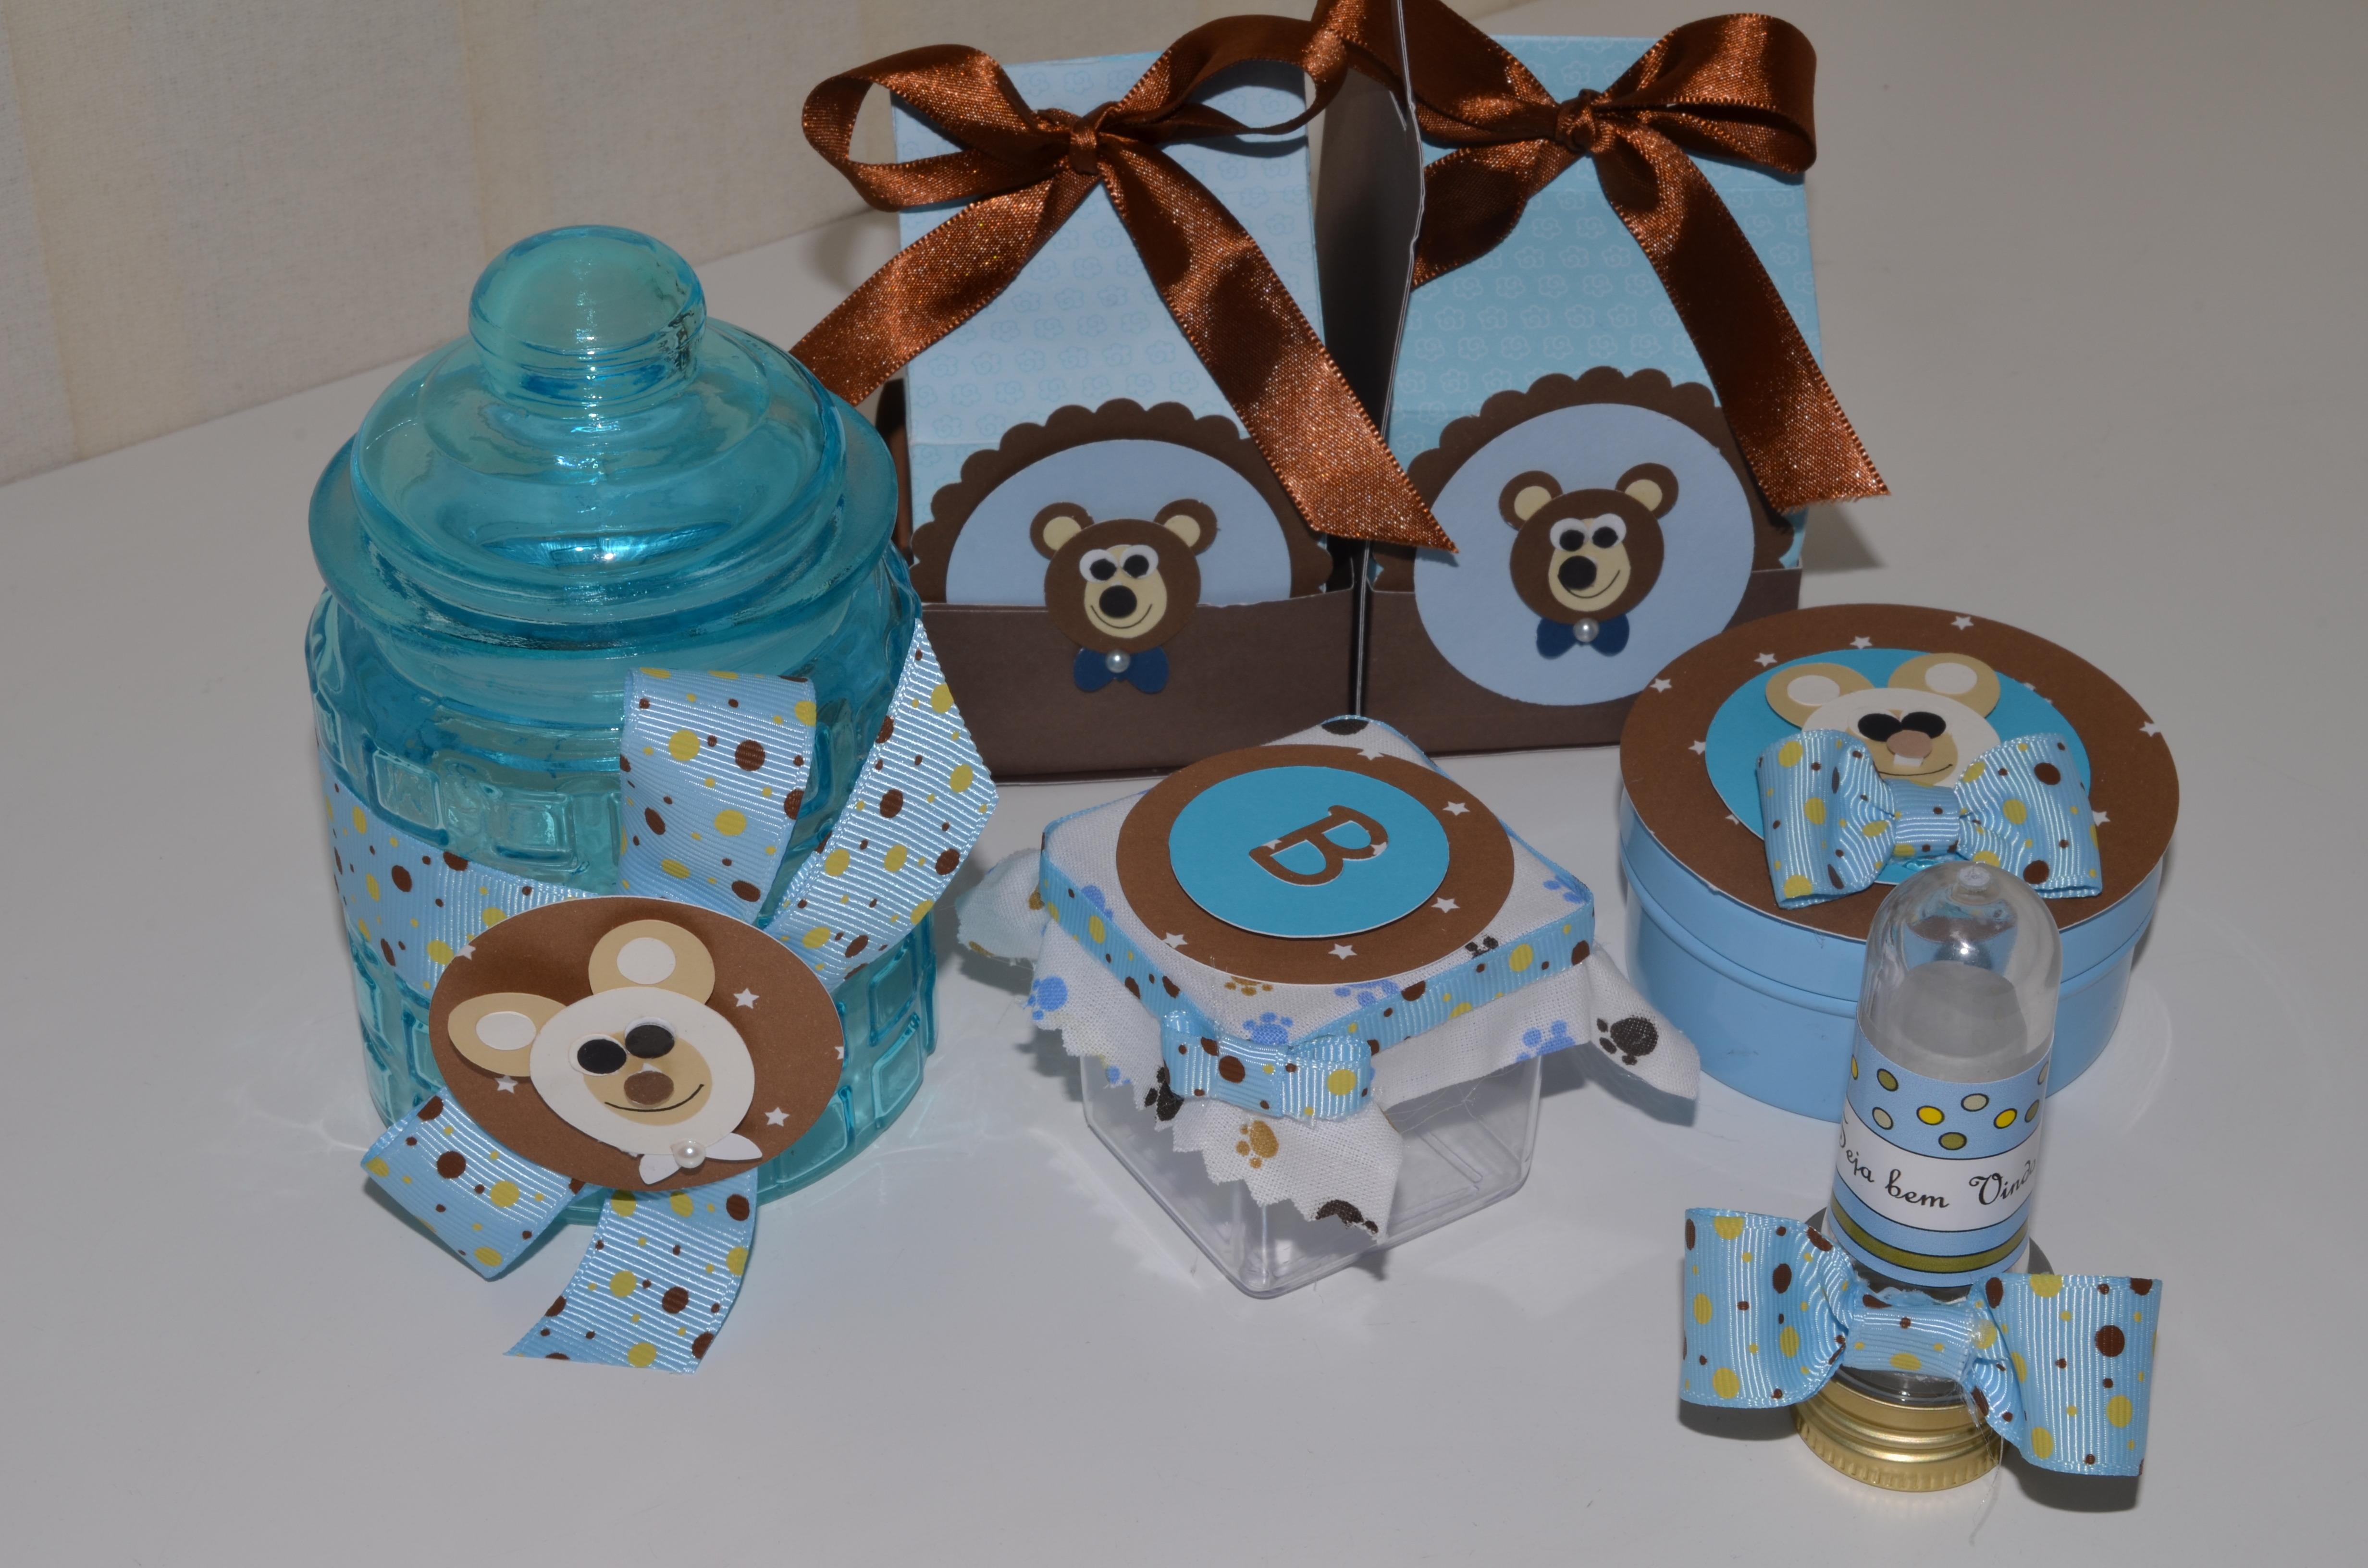 decoracao festa urso azul e marrom:Azul Festa Clean Urso Marrom E Azul Festa Clean Urso Marrom E Azul